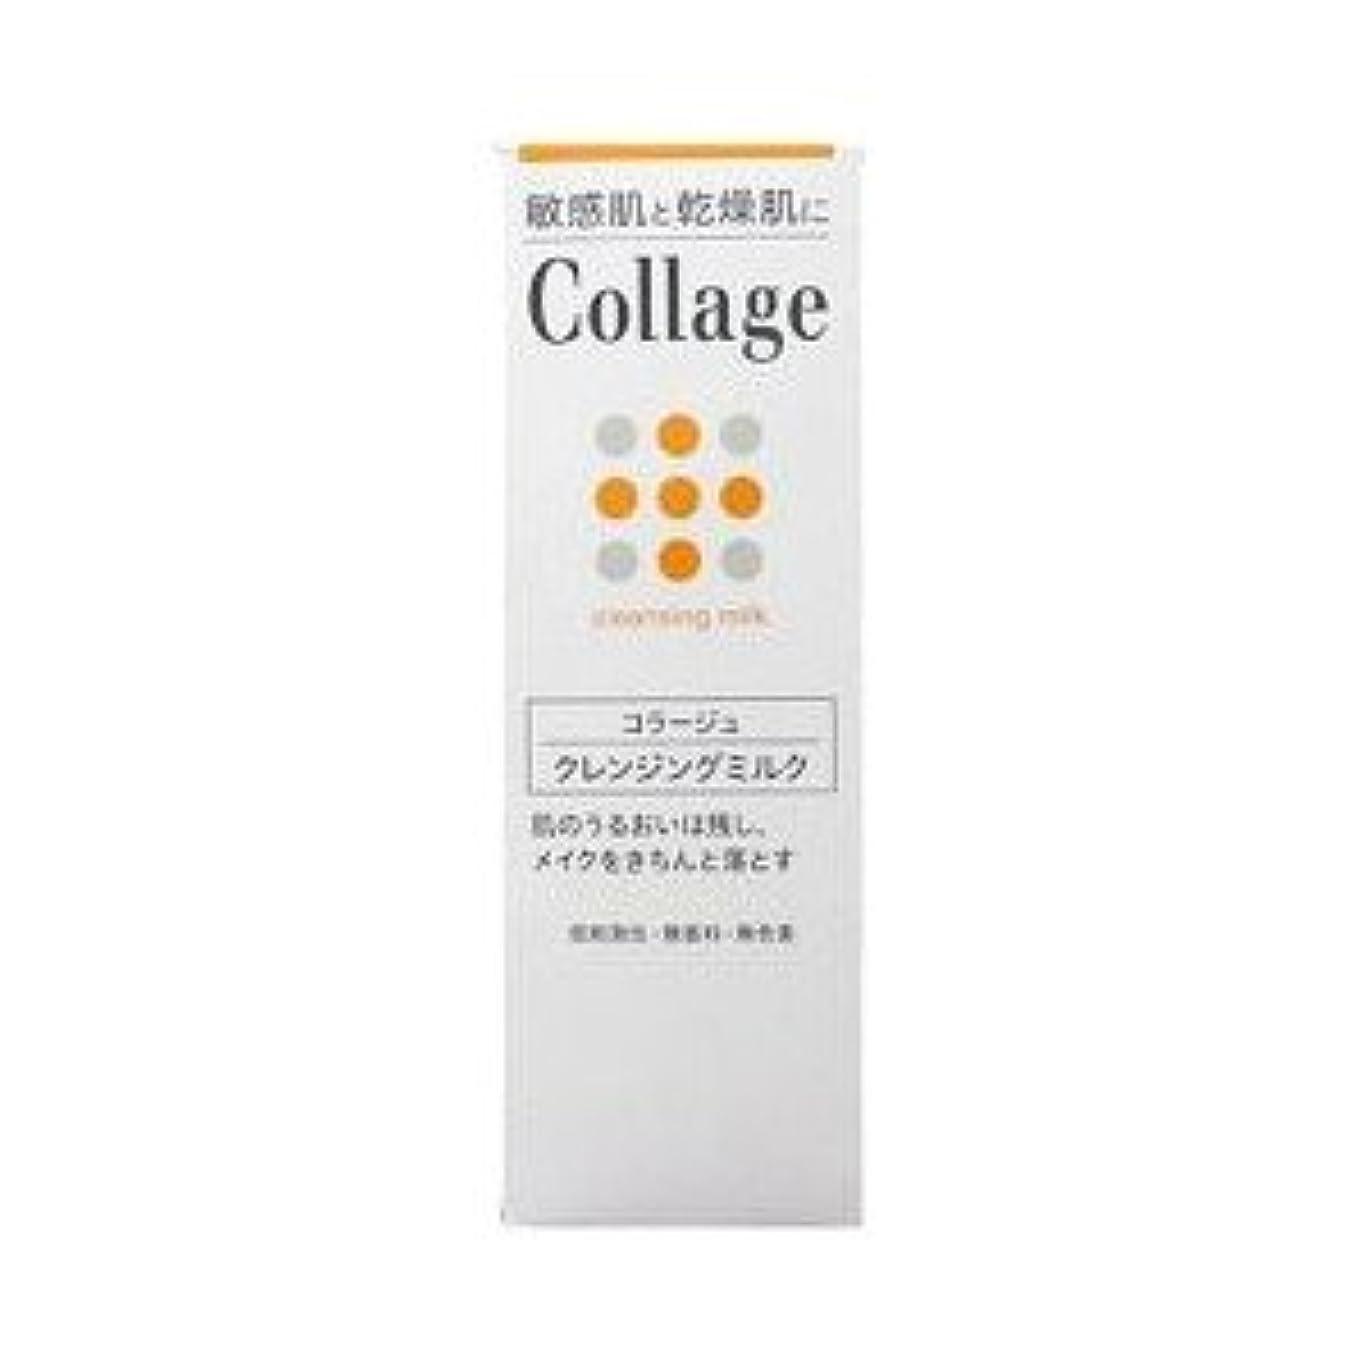 百年メールを書く資格(持田ヘルスケア)コラージュ クレンジングミルク 100g(お買い得3個セット)